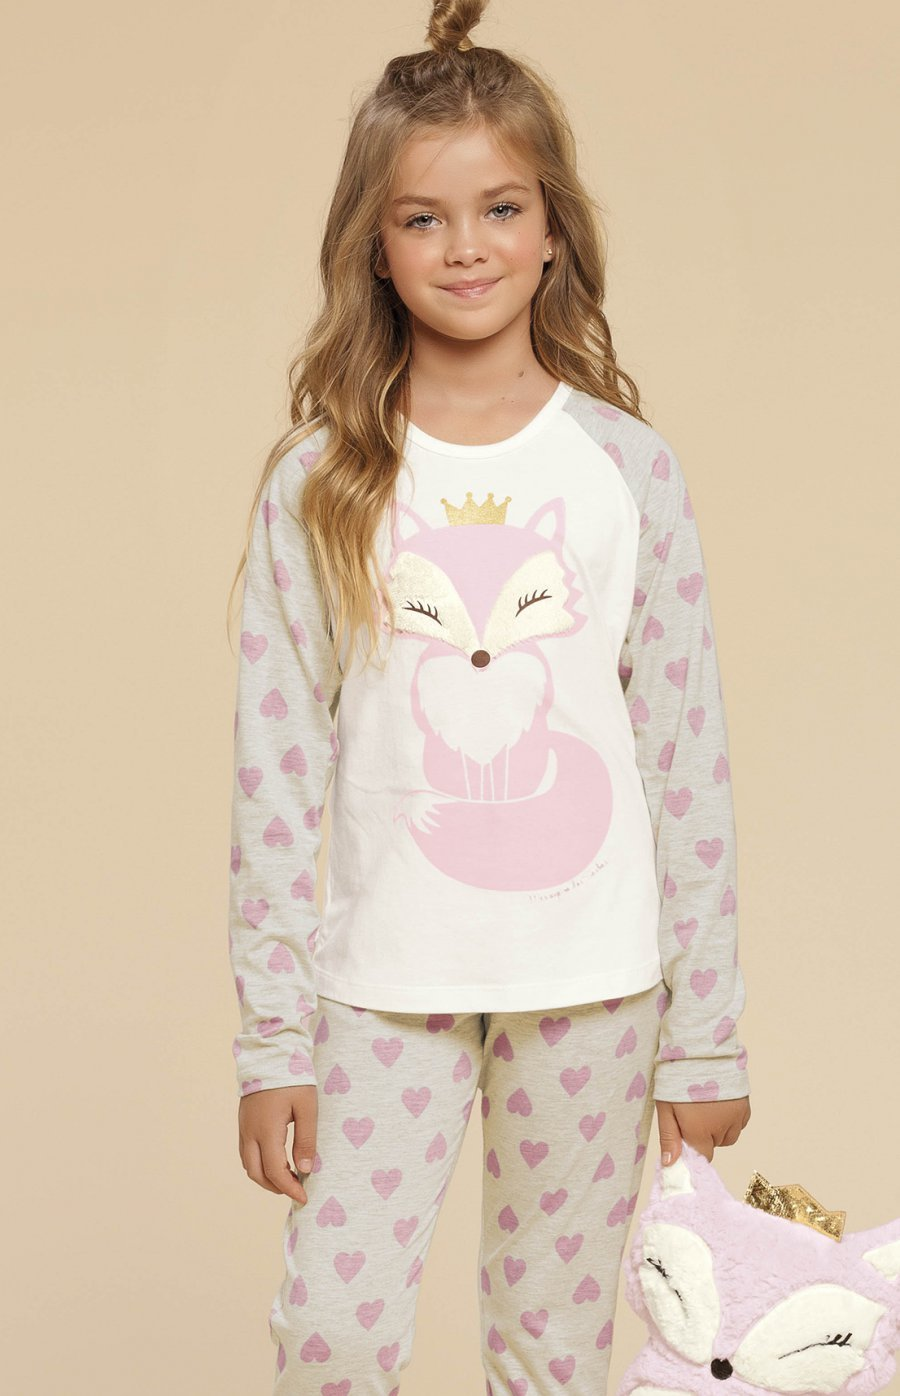 Pijama Infantil Meia Malha Com Calça Afunilada Raposinha Inverno 2019 CLOUD CLUB